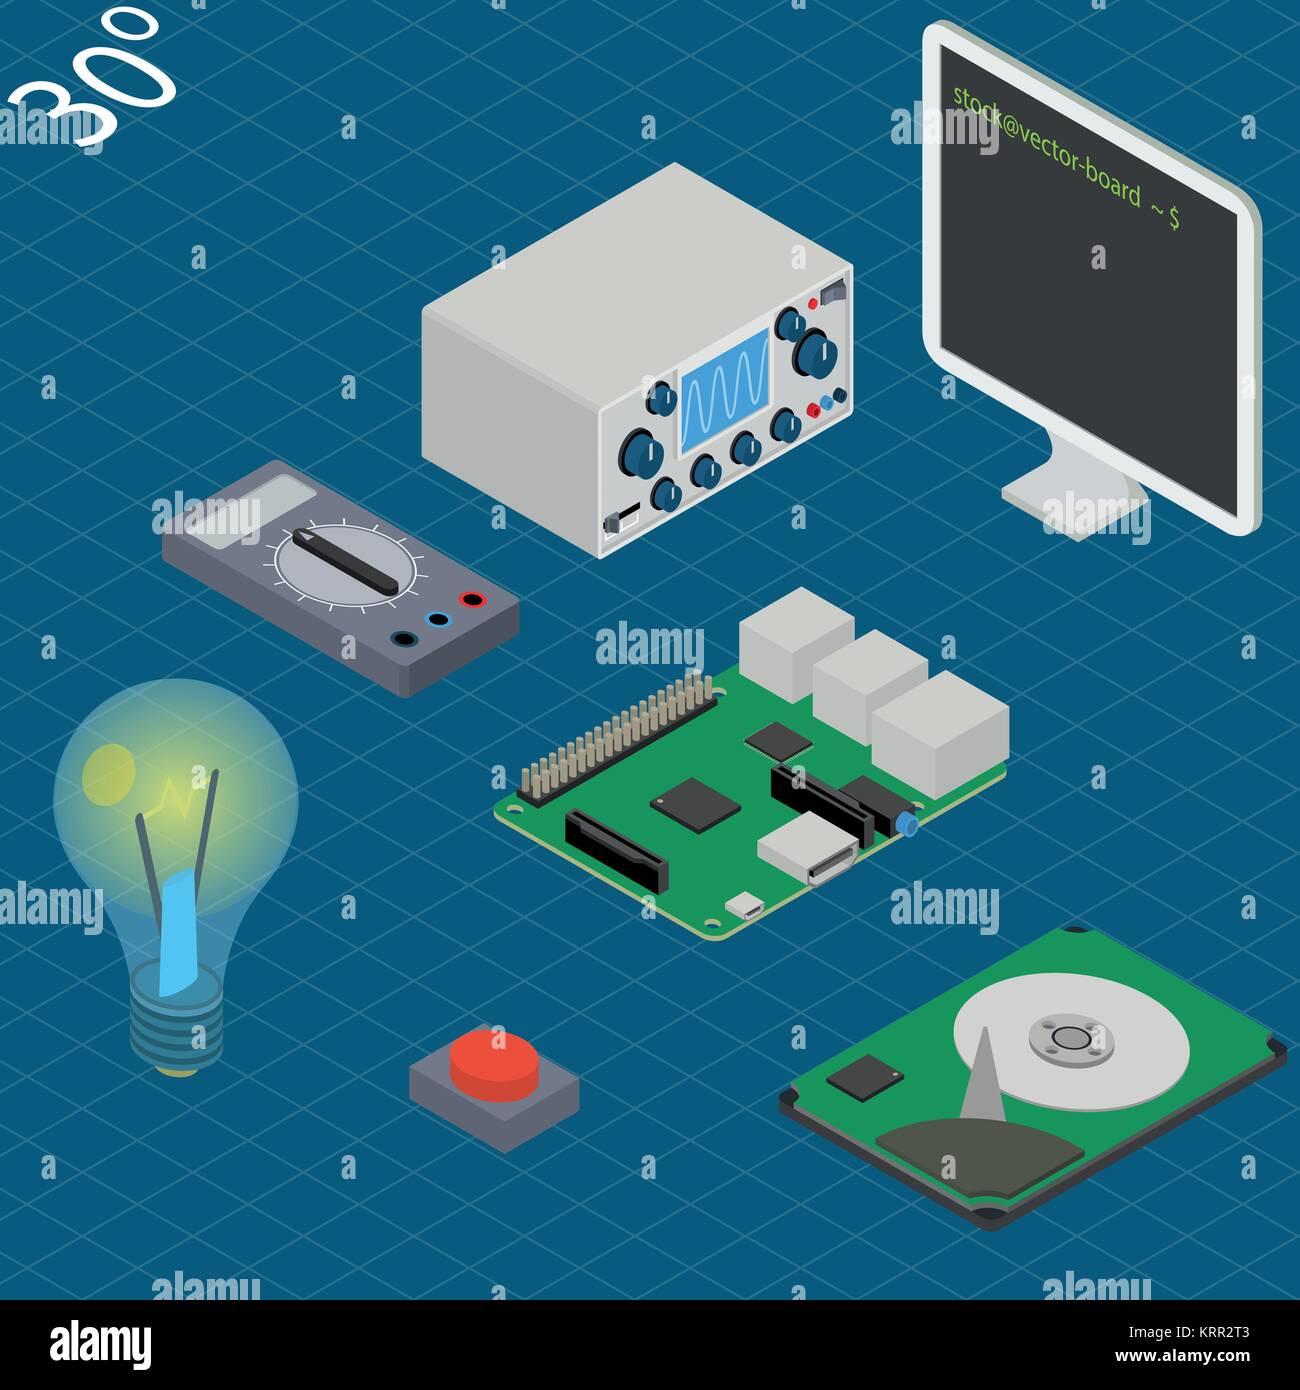 Satellite Dish Wiring Diagram On Wac Transformer Wiring Diagrams